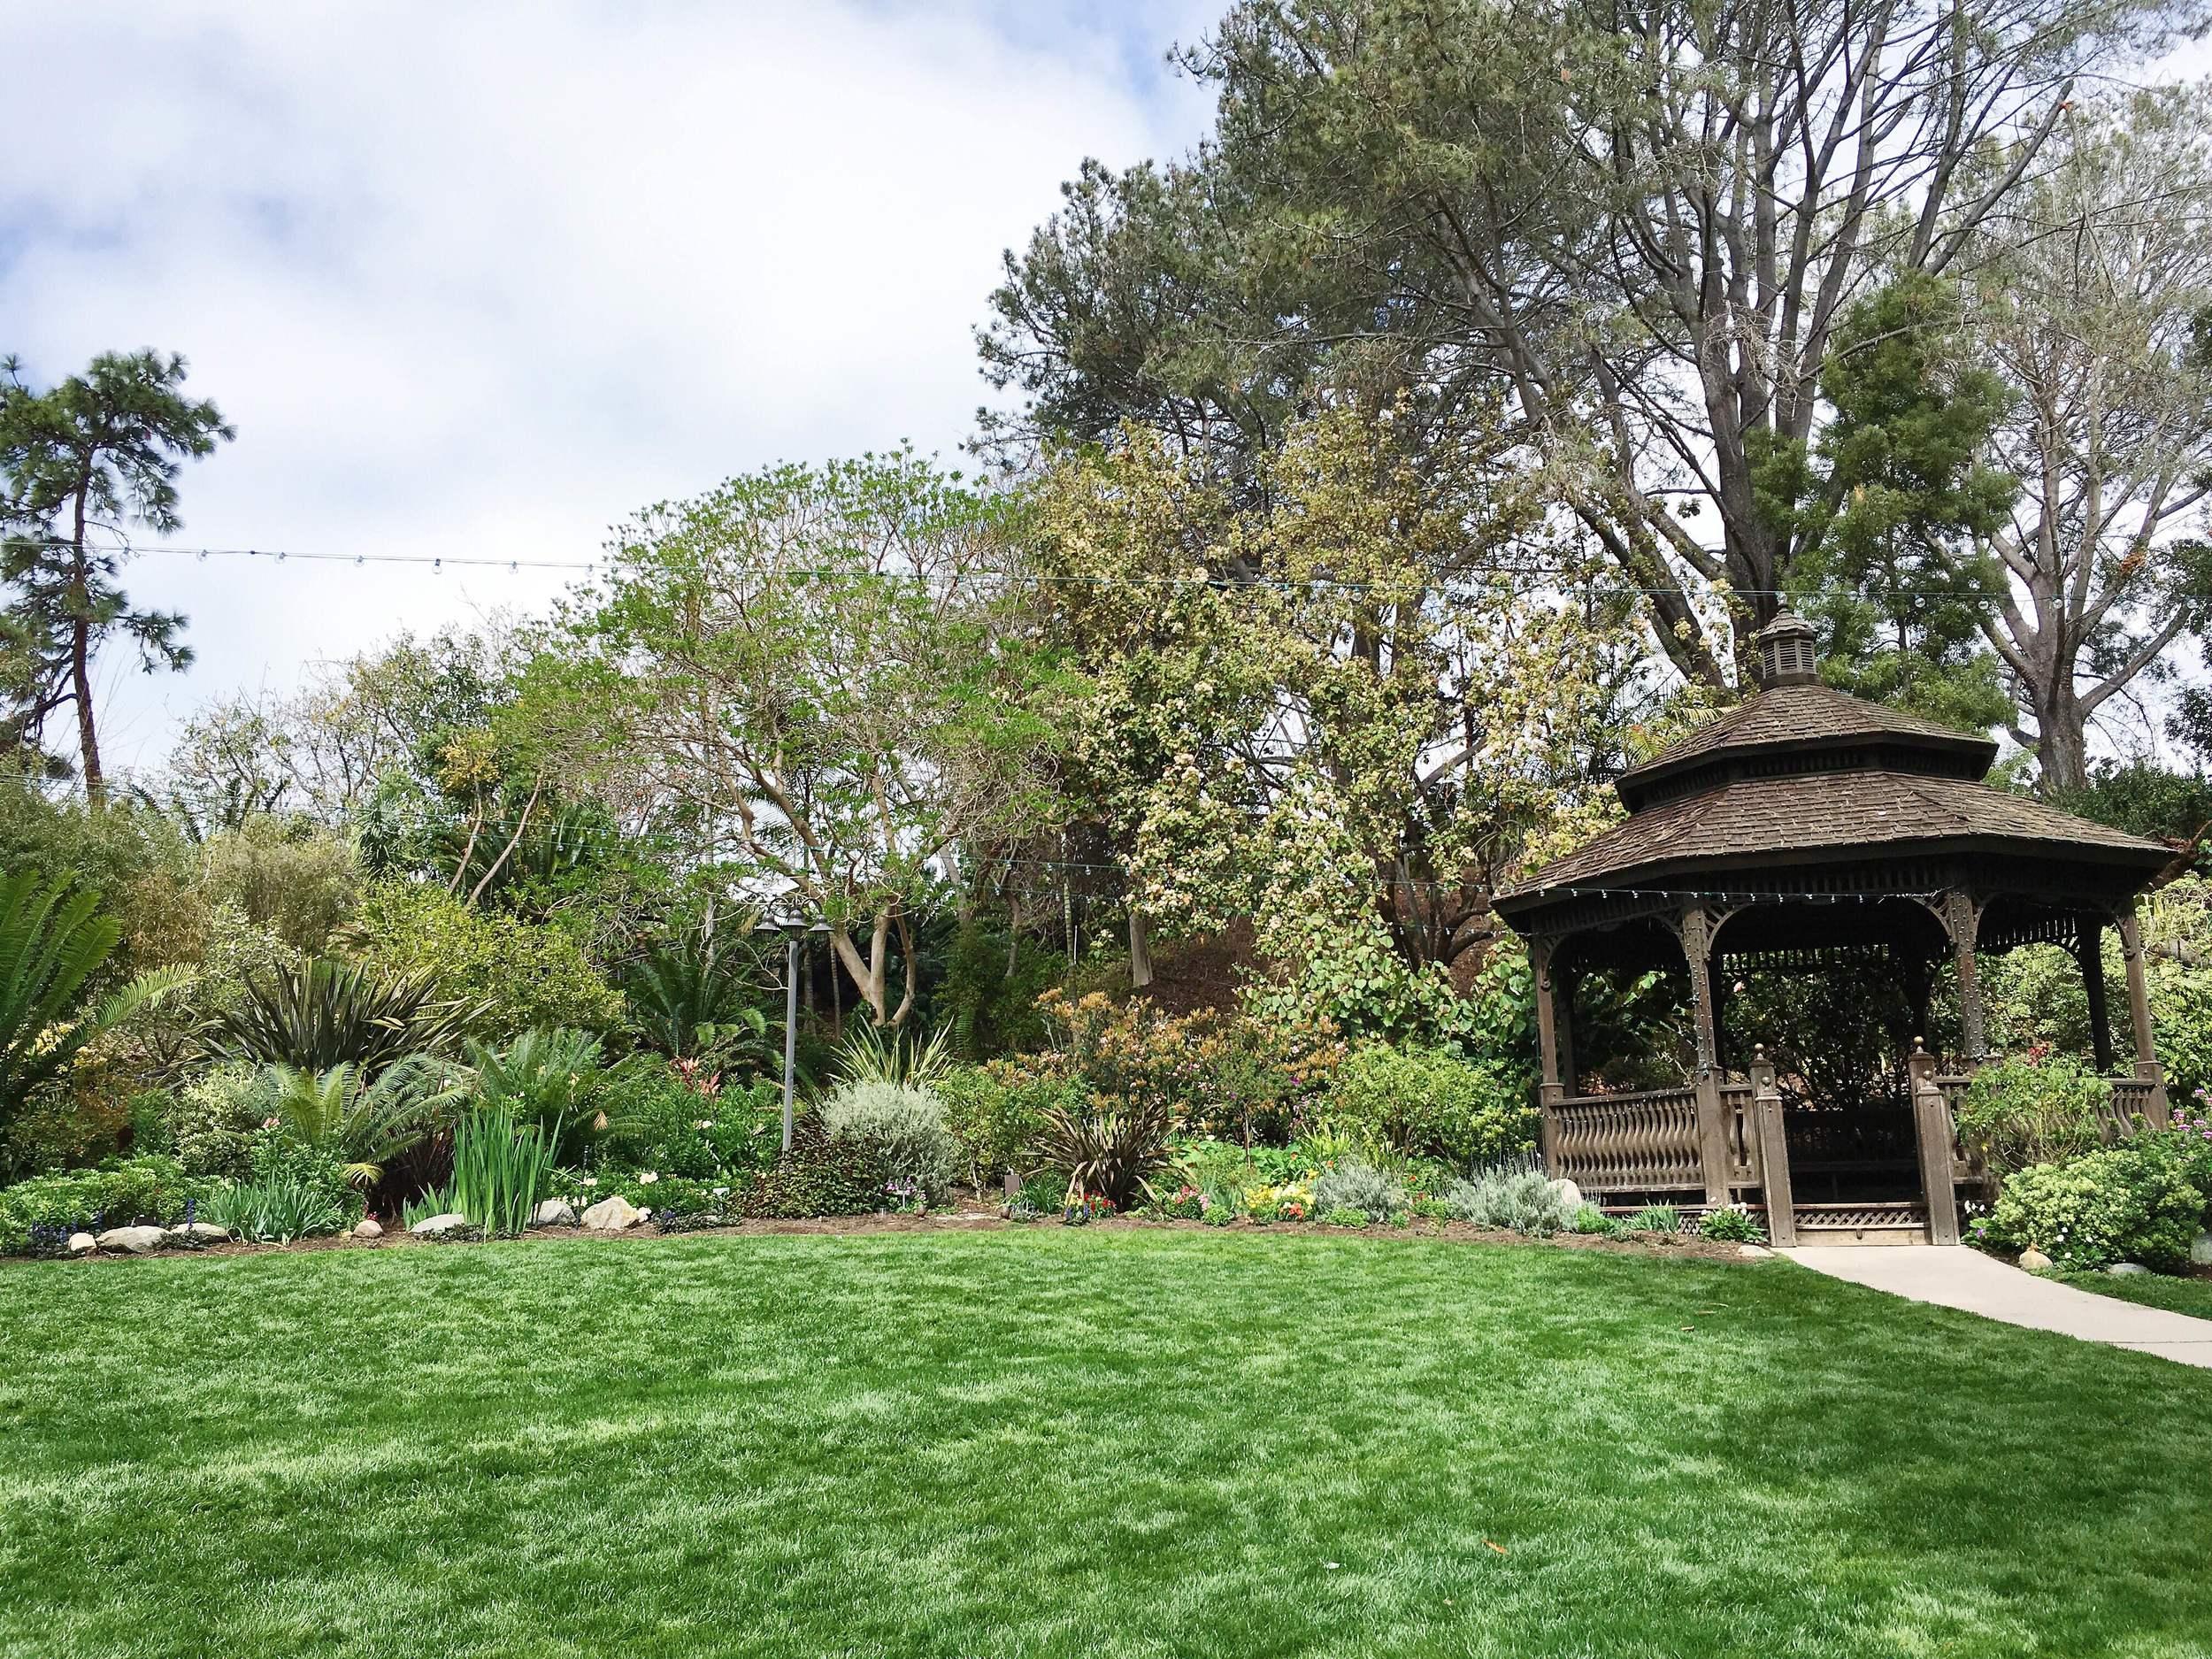 SD Botanic Garden Gazebo Lawn